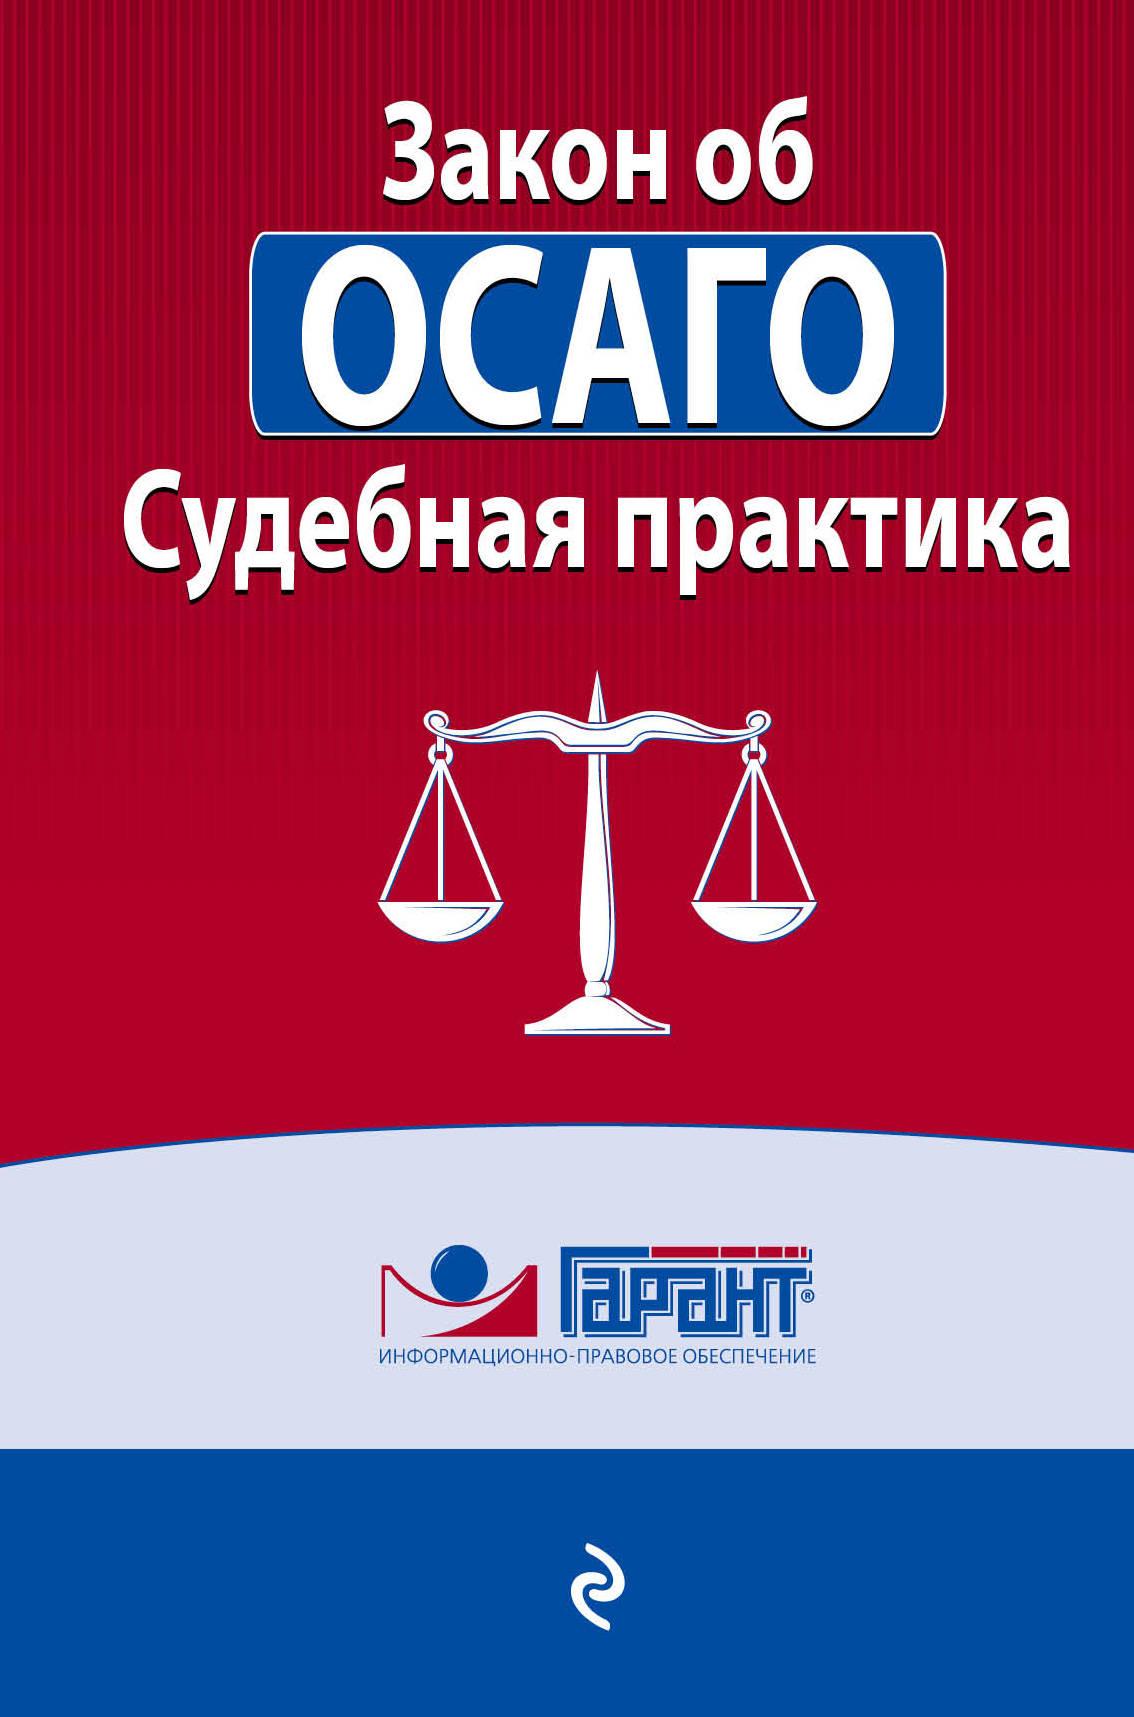 Судебная практика к закону об ОСАГО